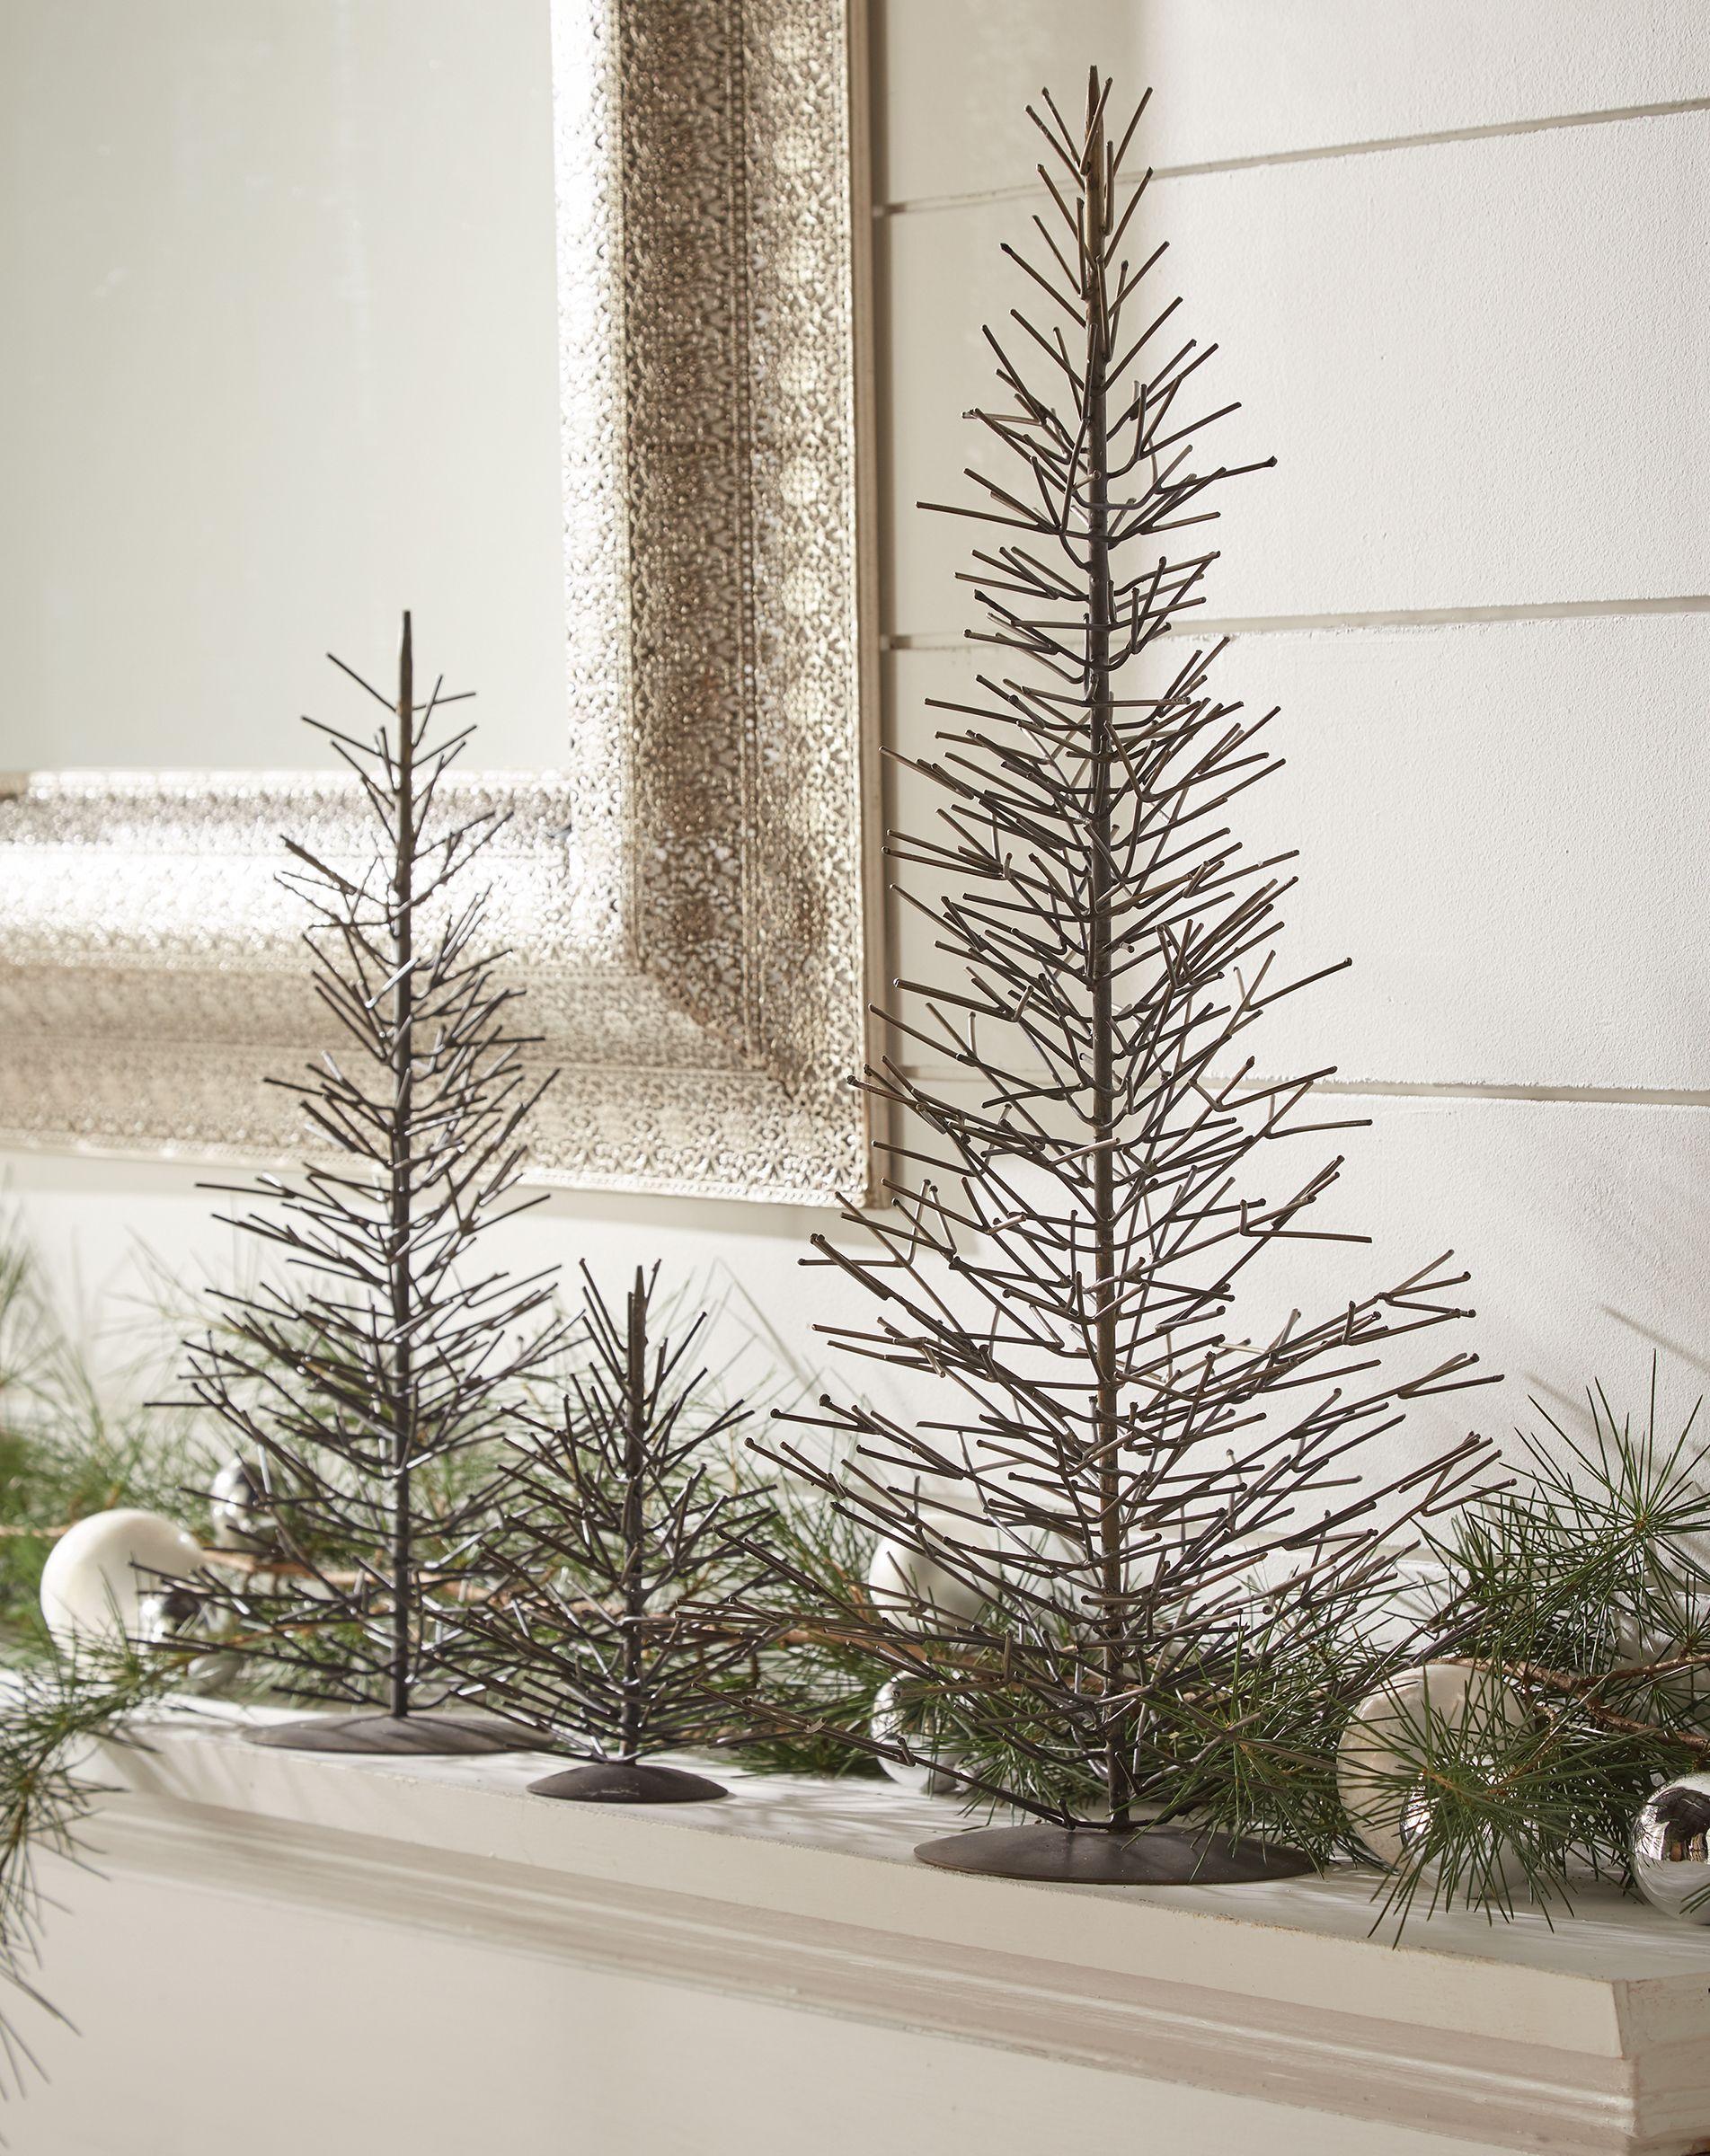 Hand Made Natural Metal Christmas Trees Metal Christmas Tree Metal Tree Metal Tree Wall Art